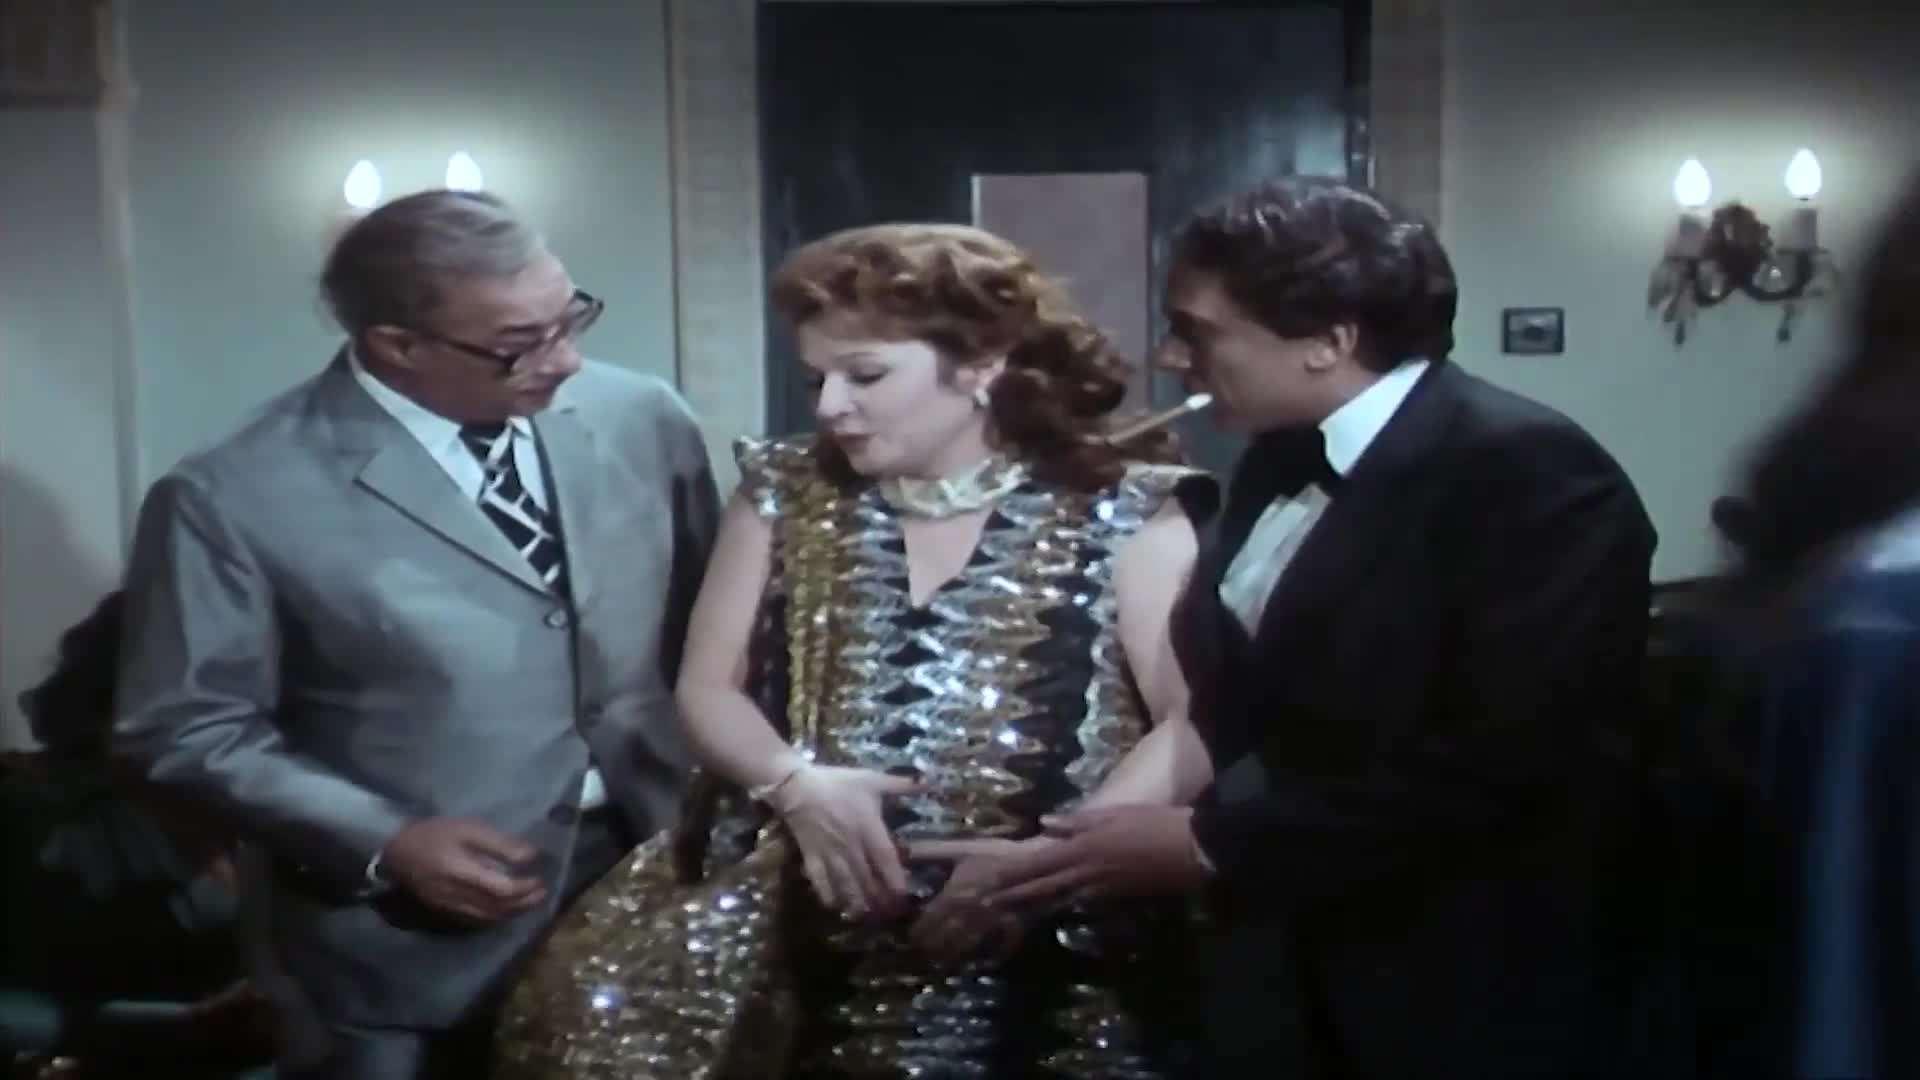 [فيلم][تورنت][تحميل][عصابة حمادة وتوتو][1982][1080p][Web-DL] 13 arabp2p.com